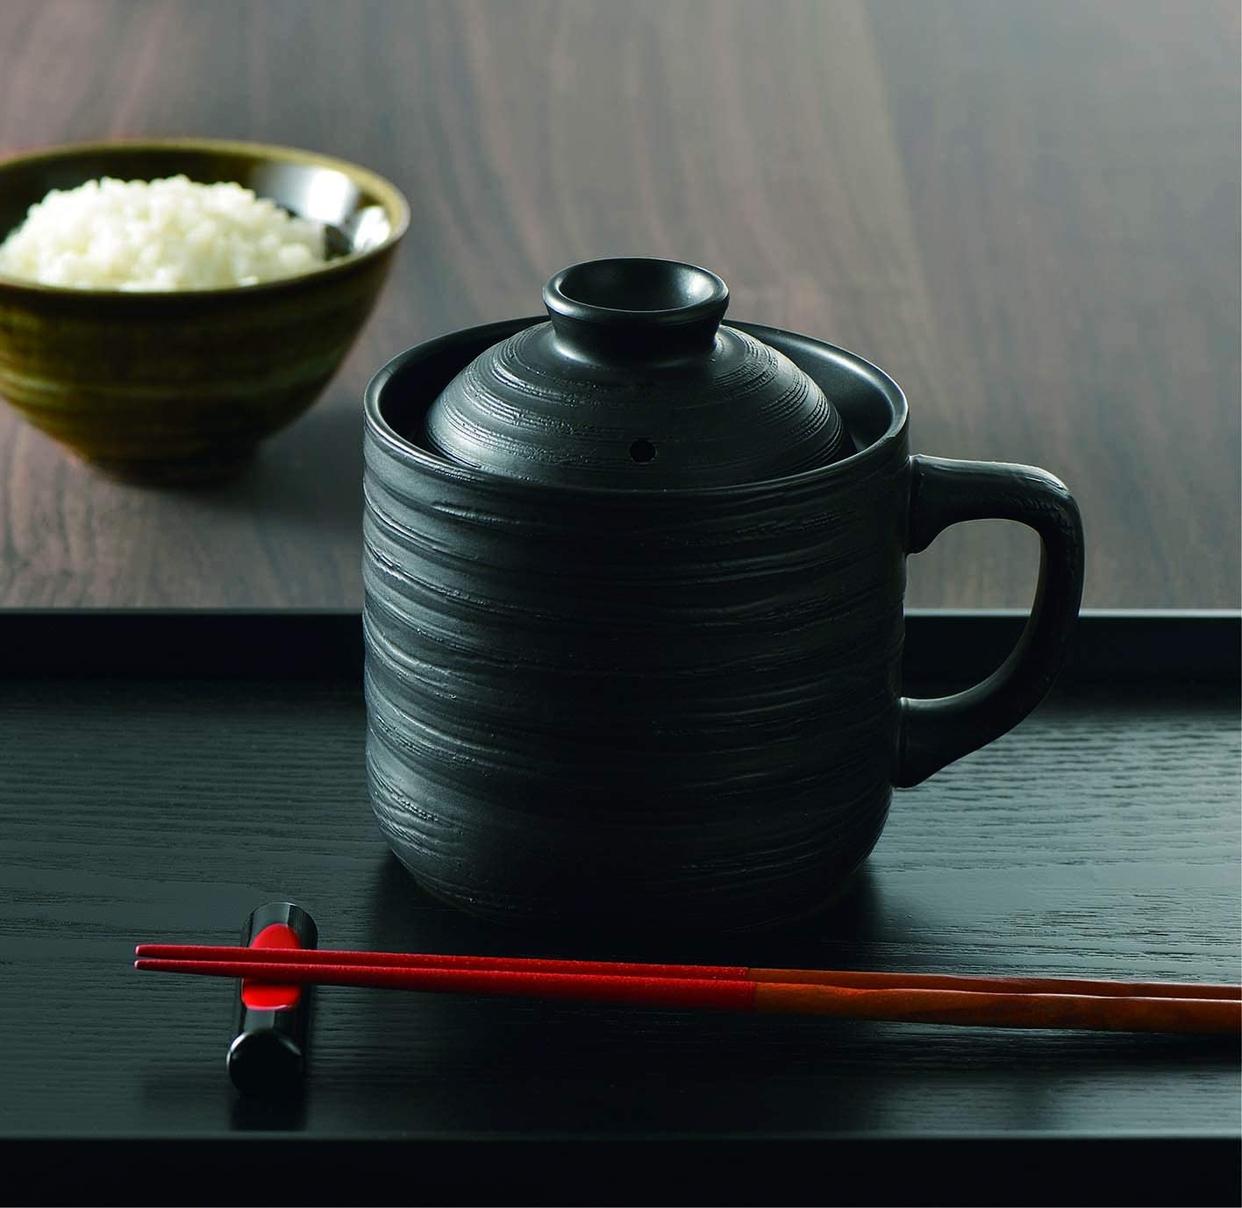 カクセー 電子レンジ専用炊飯陶器 楽炊御膳 T-01Bの商品画像3